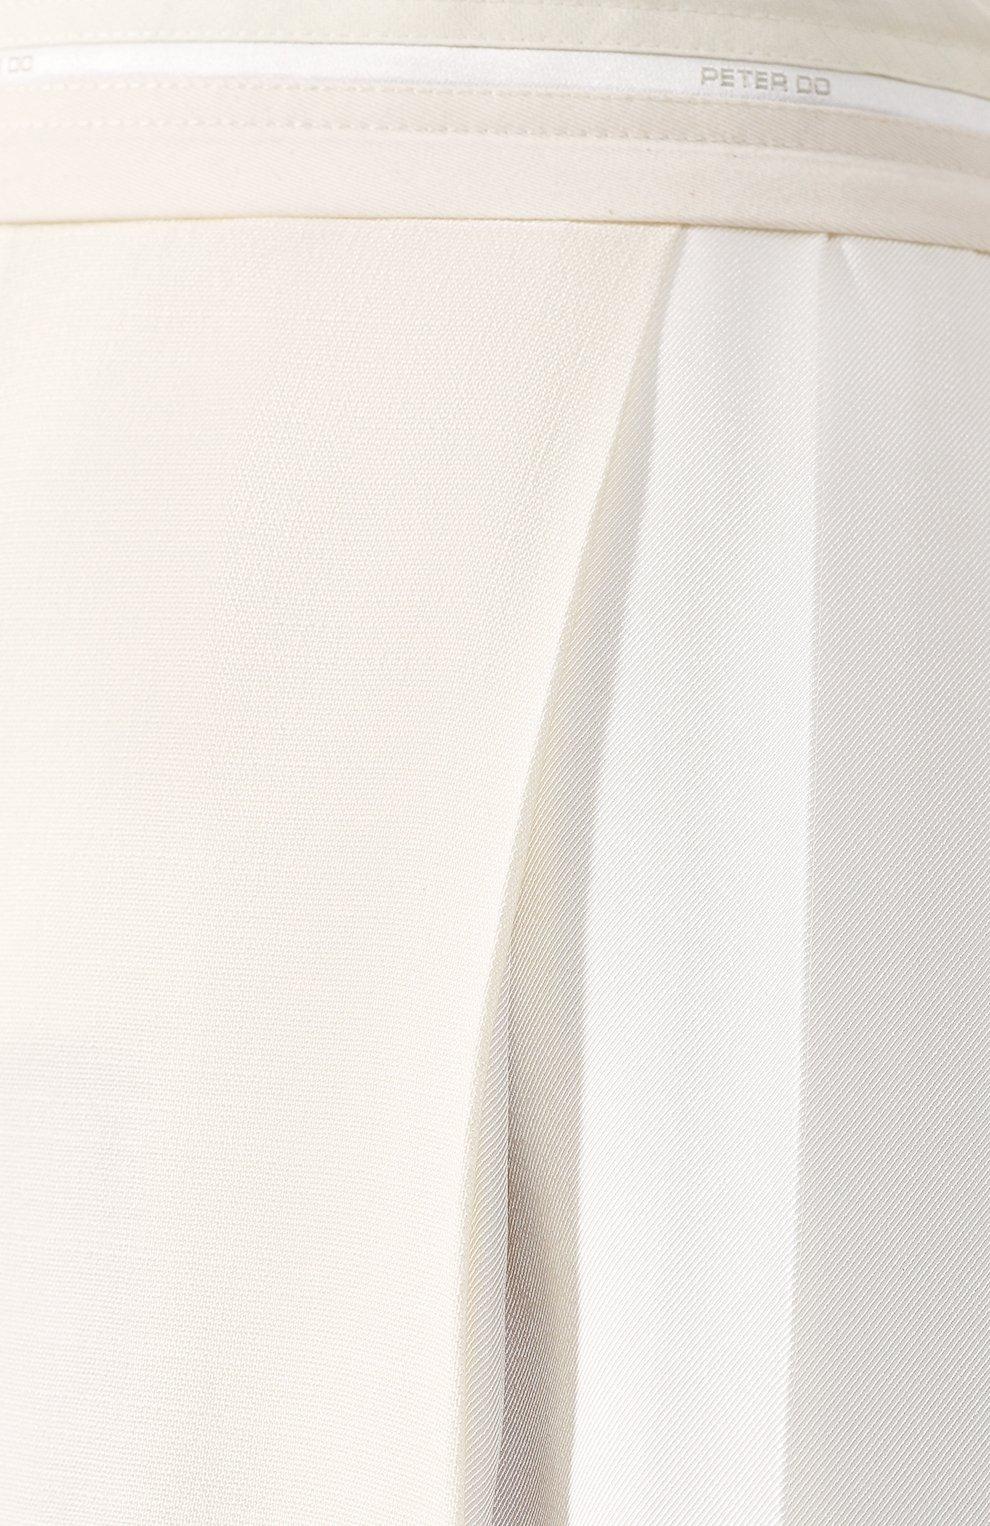 Женская юбка из вискозы PETER DO белого цвета, арт. PD-SS20-213/VI010-EGG/TA009-WHT | Фото 5